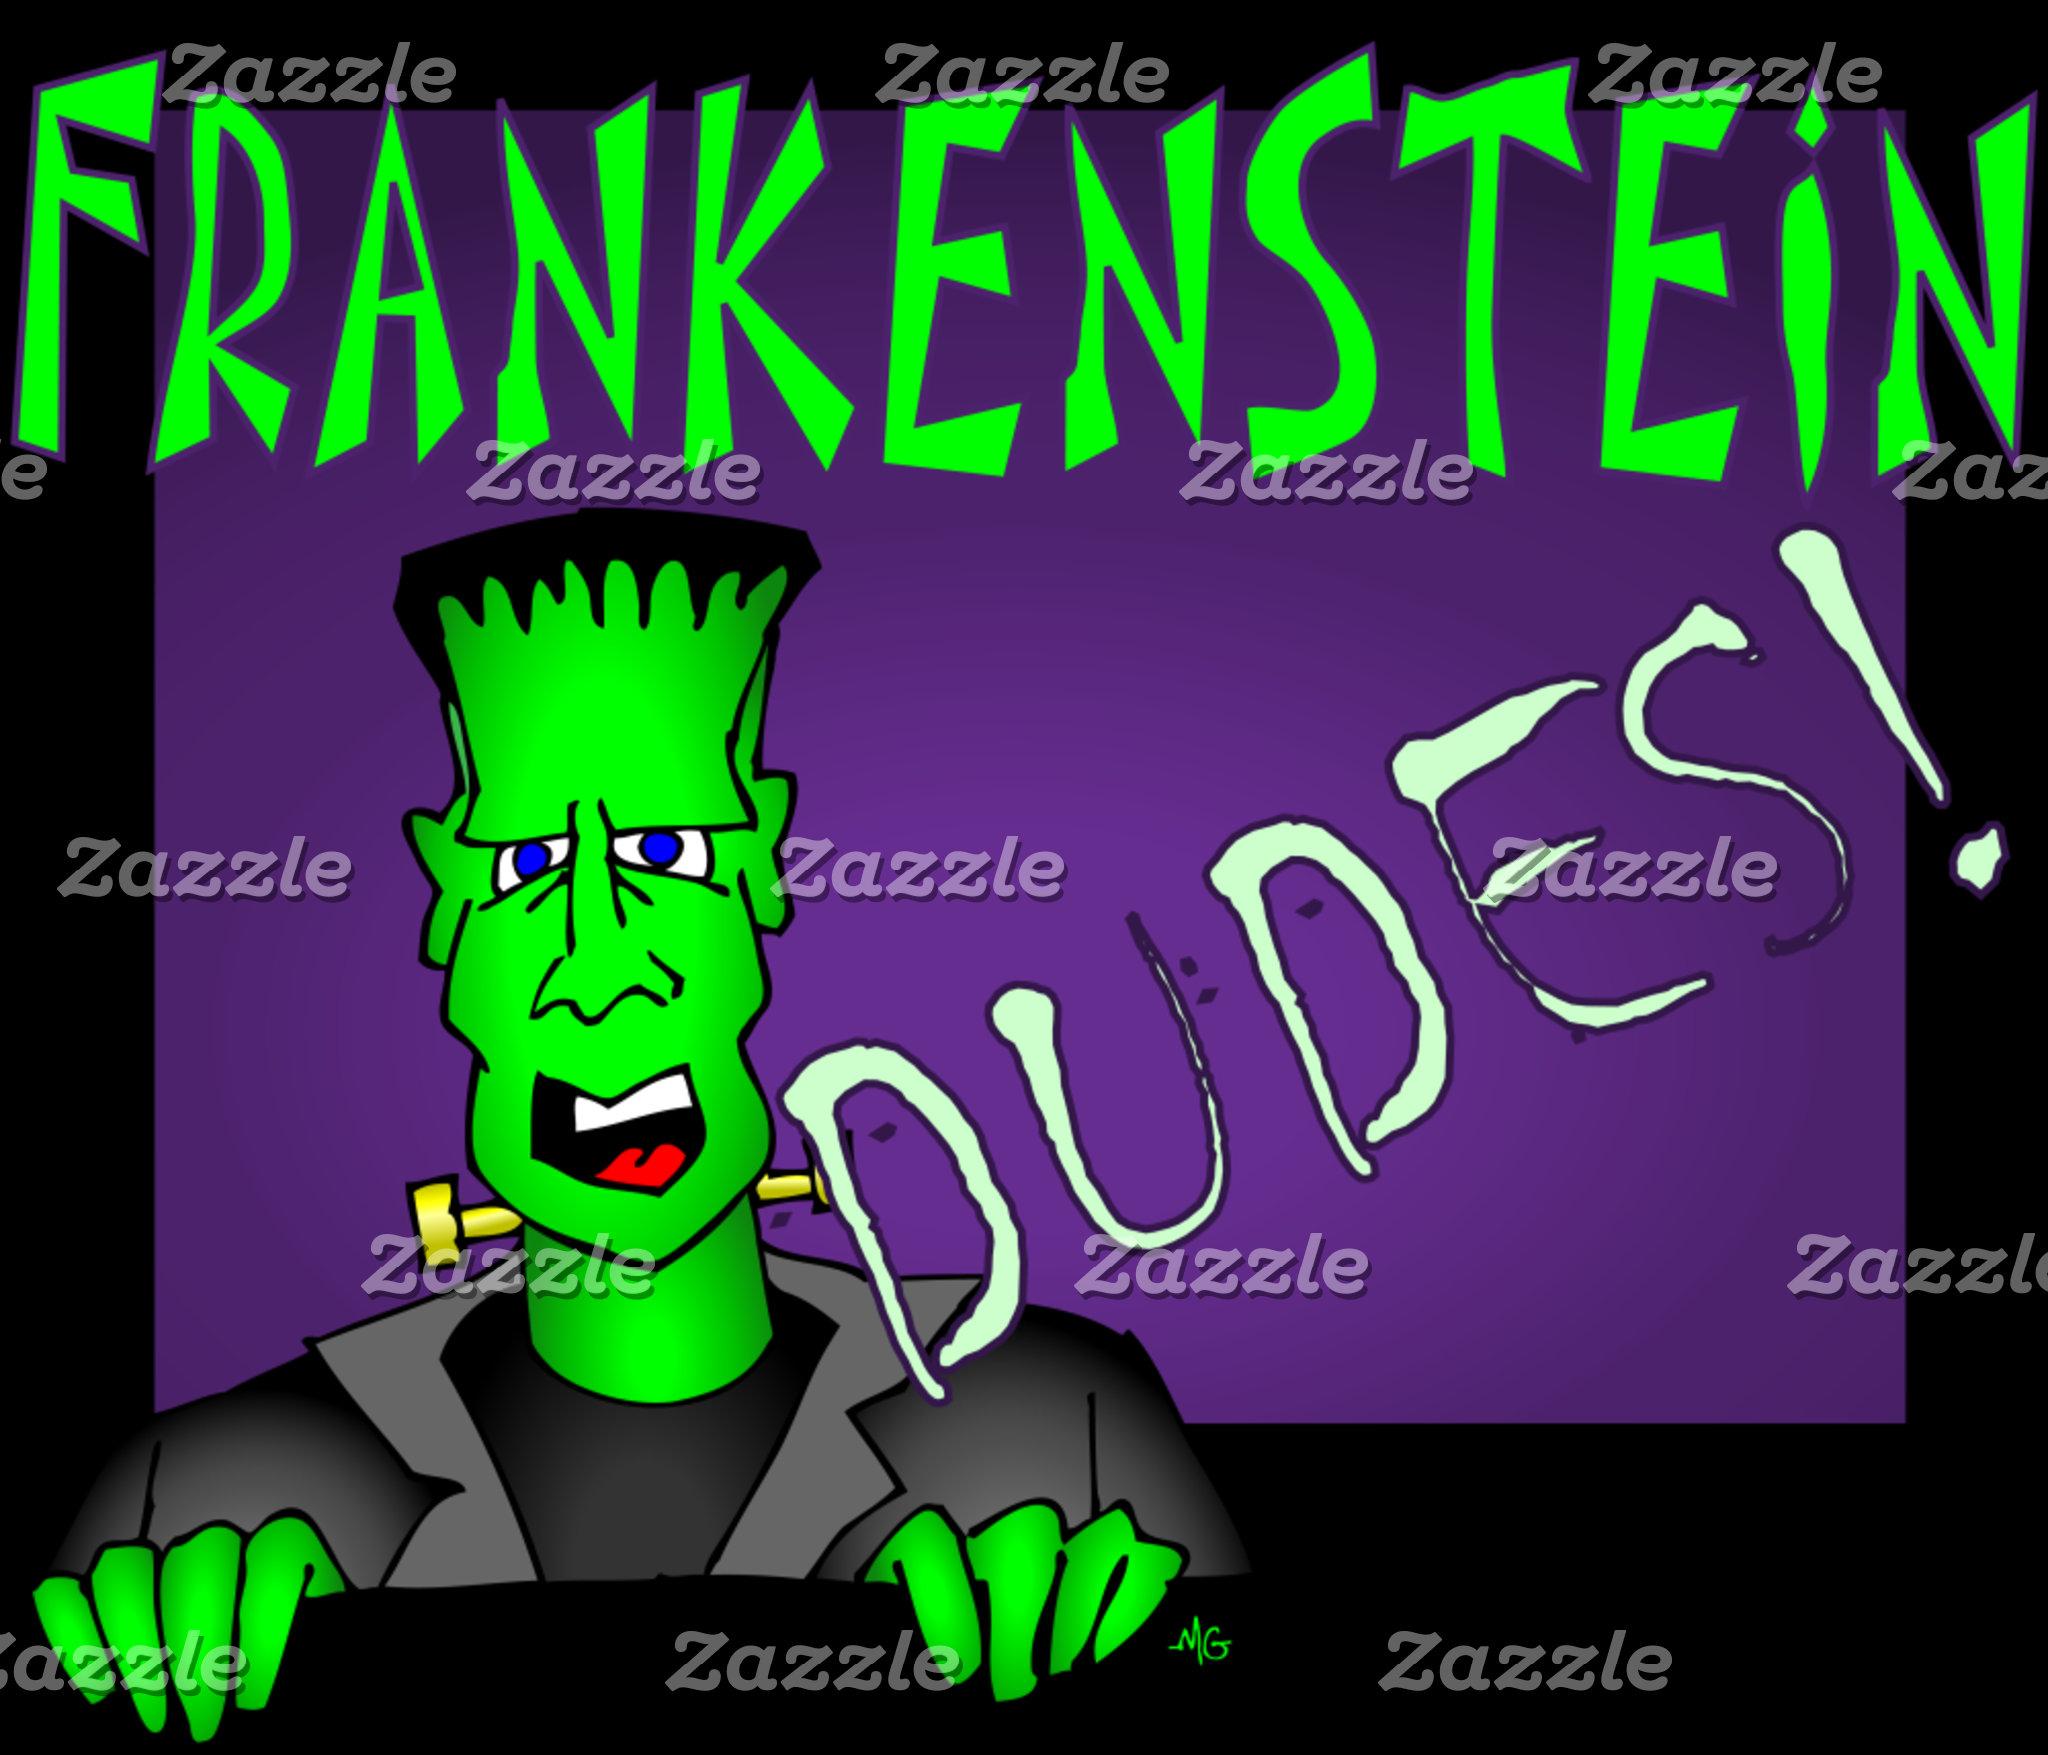 FRANKENSTEIN DUDES!